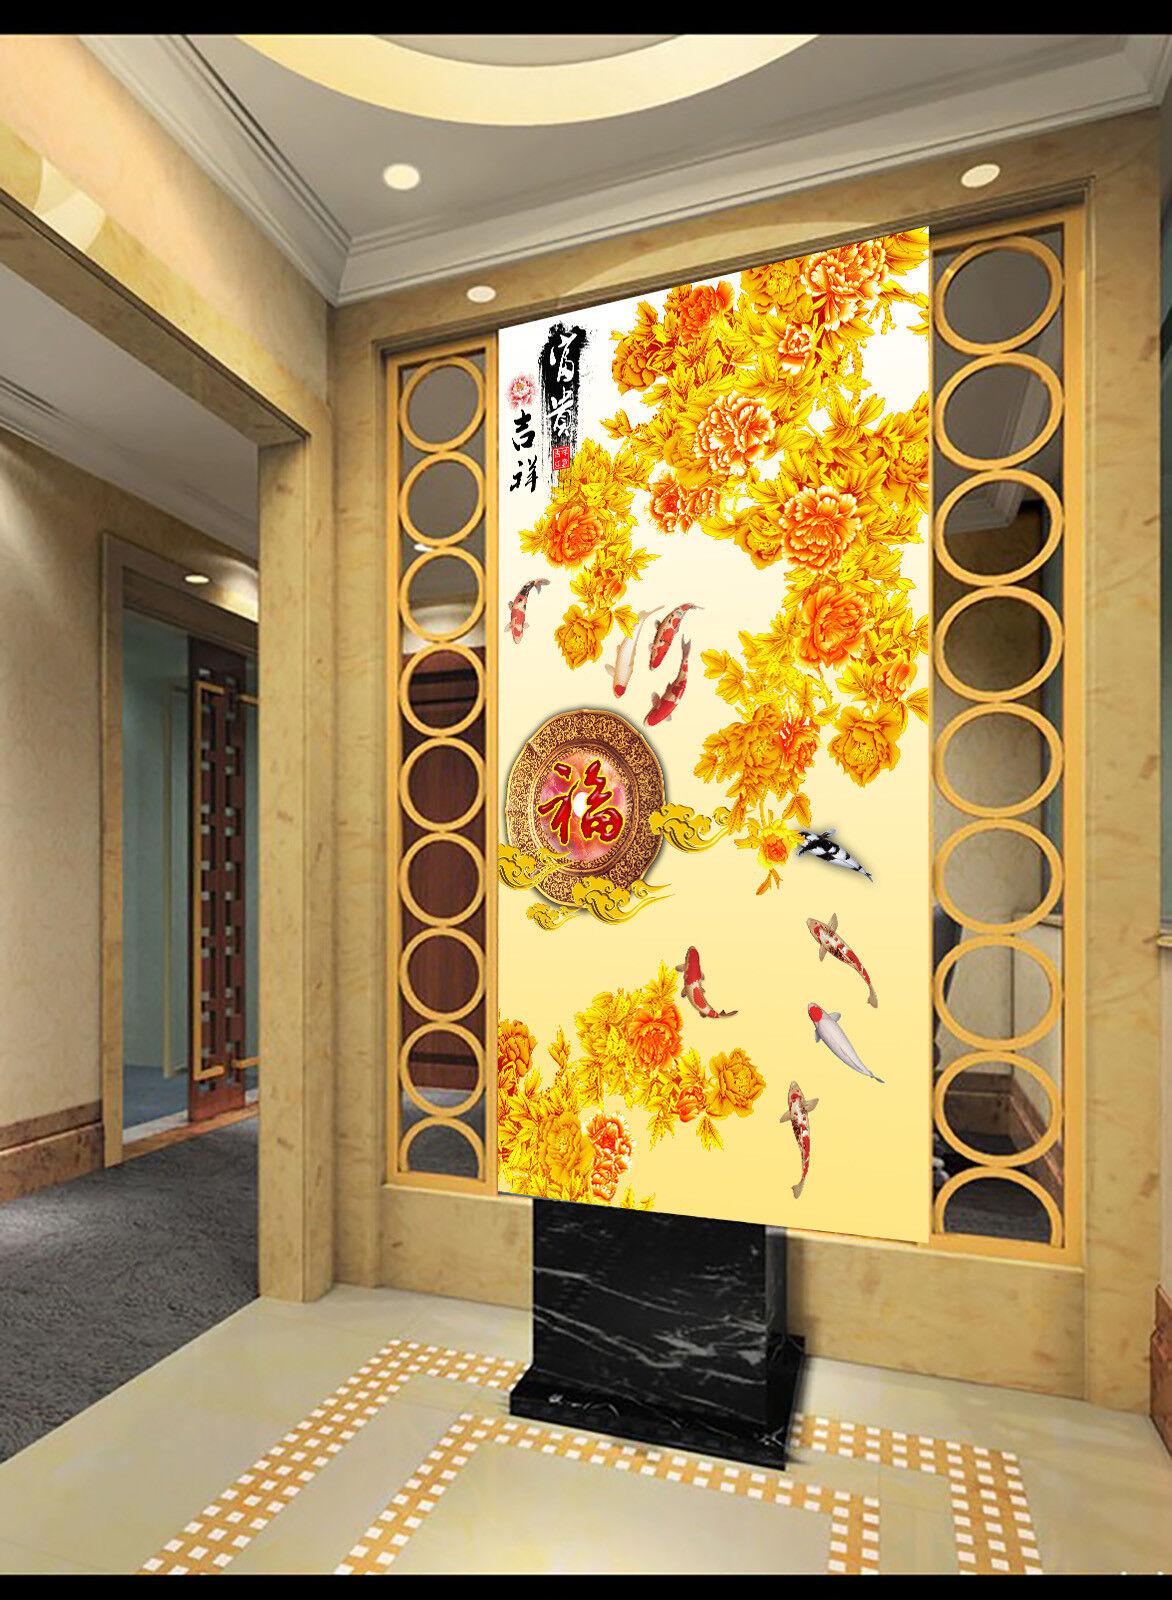 3D Blendend Goldene Blumen 74 Tapete Wandgemälde Tapete Tapeten Bild Familie DE